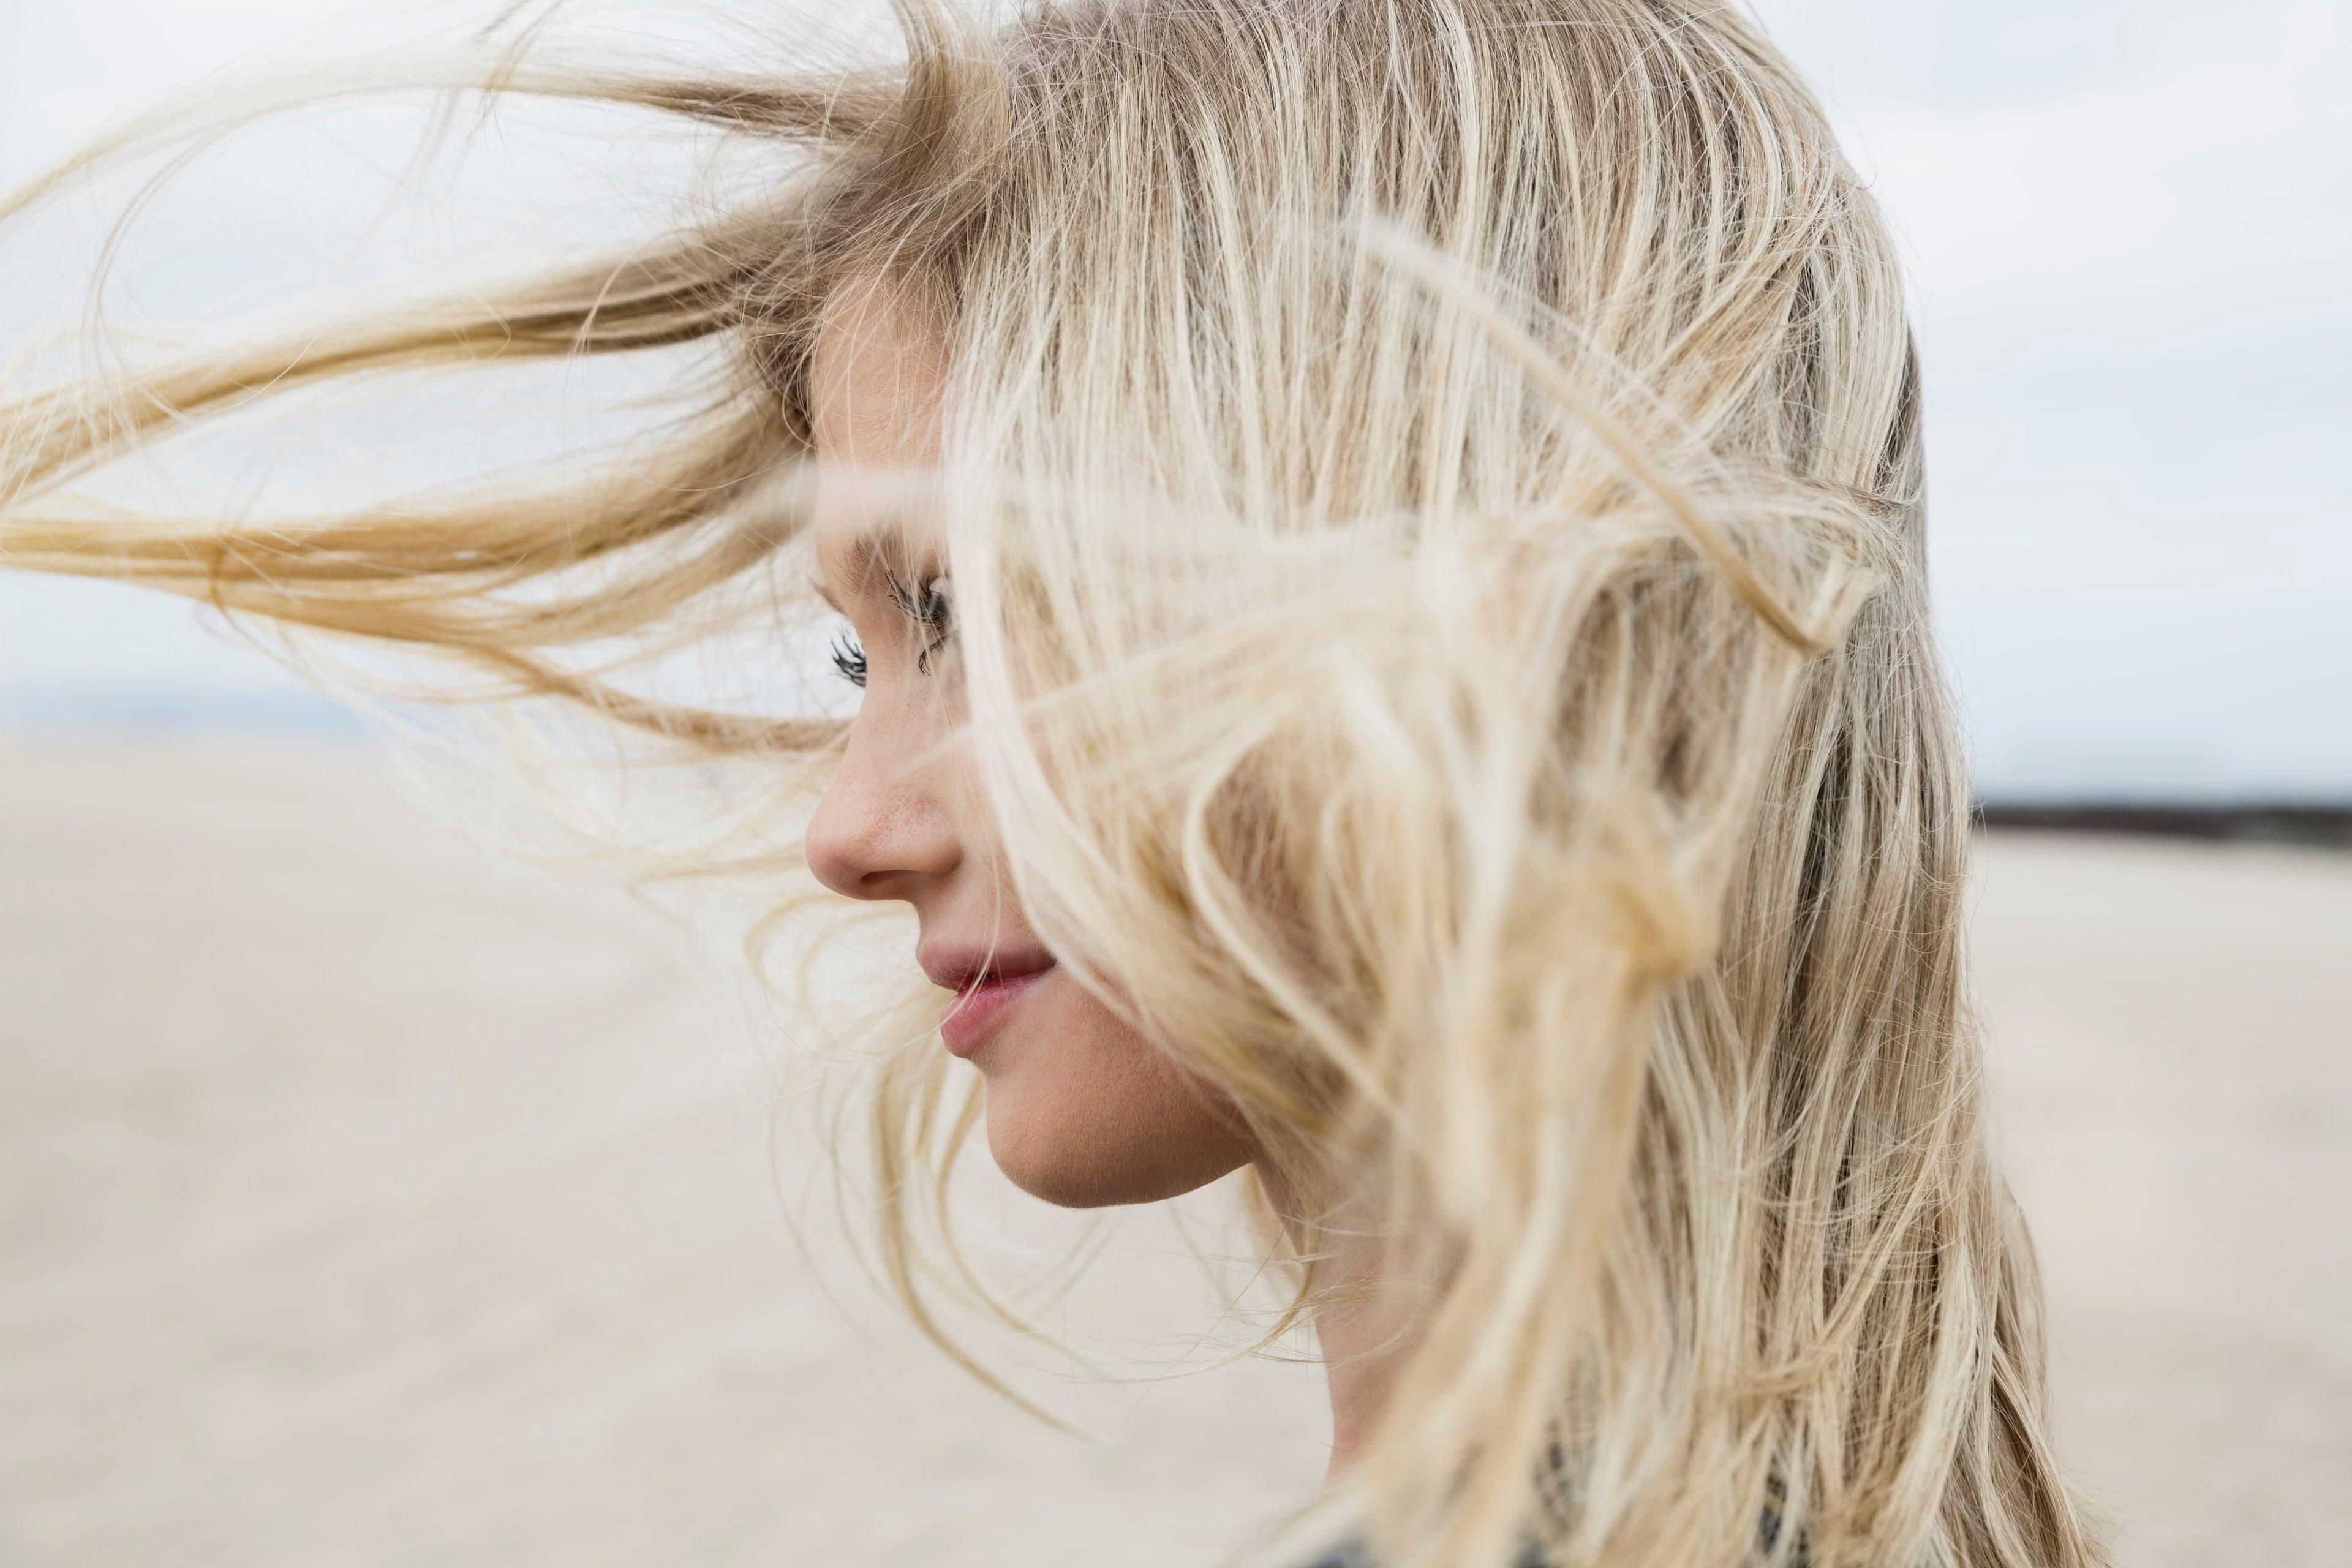 Viento soplando en el cabello